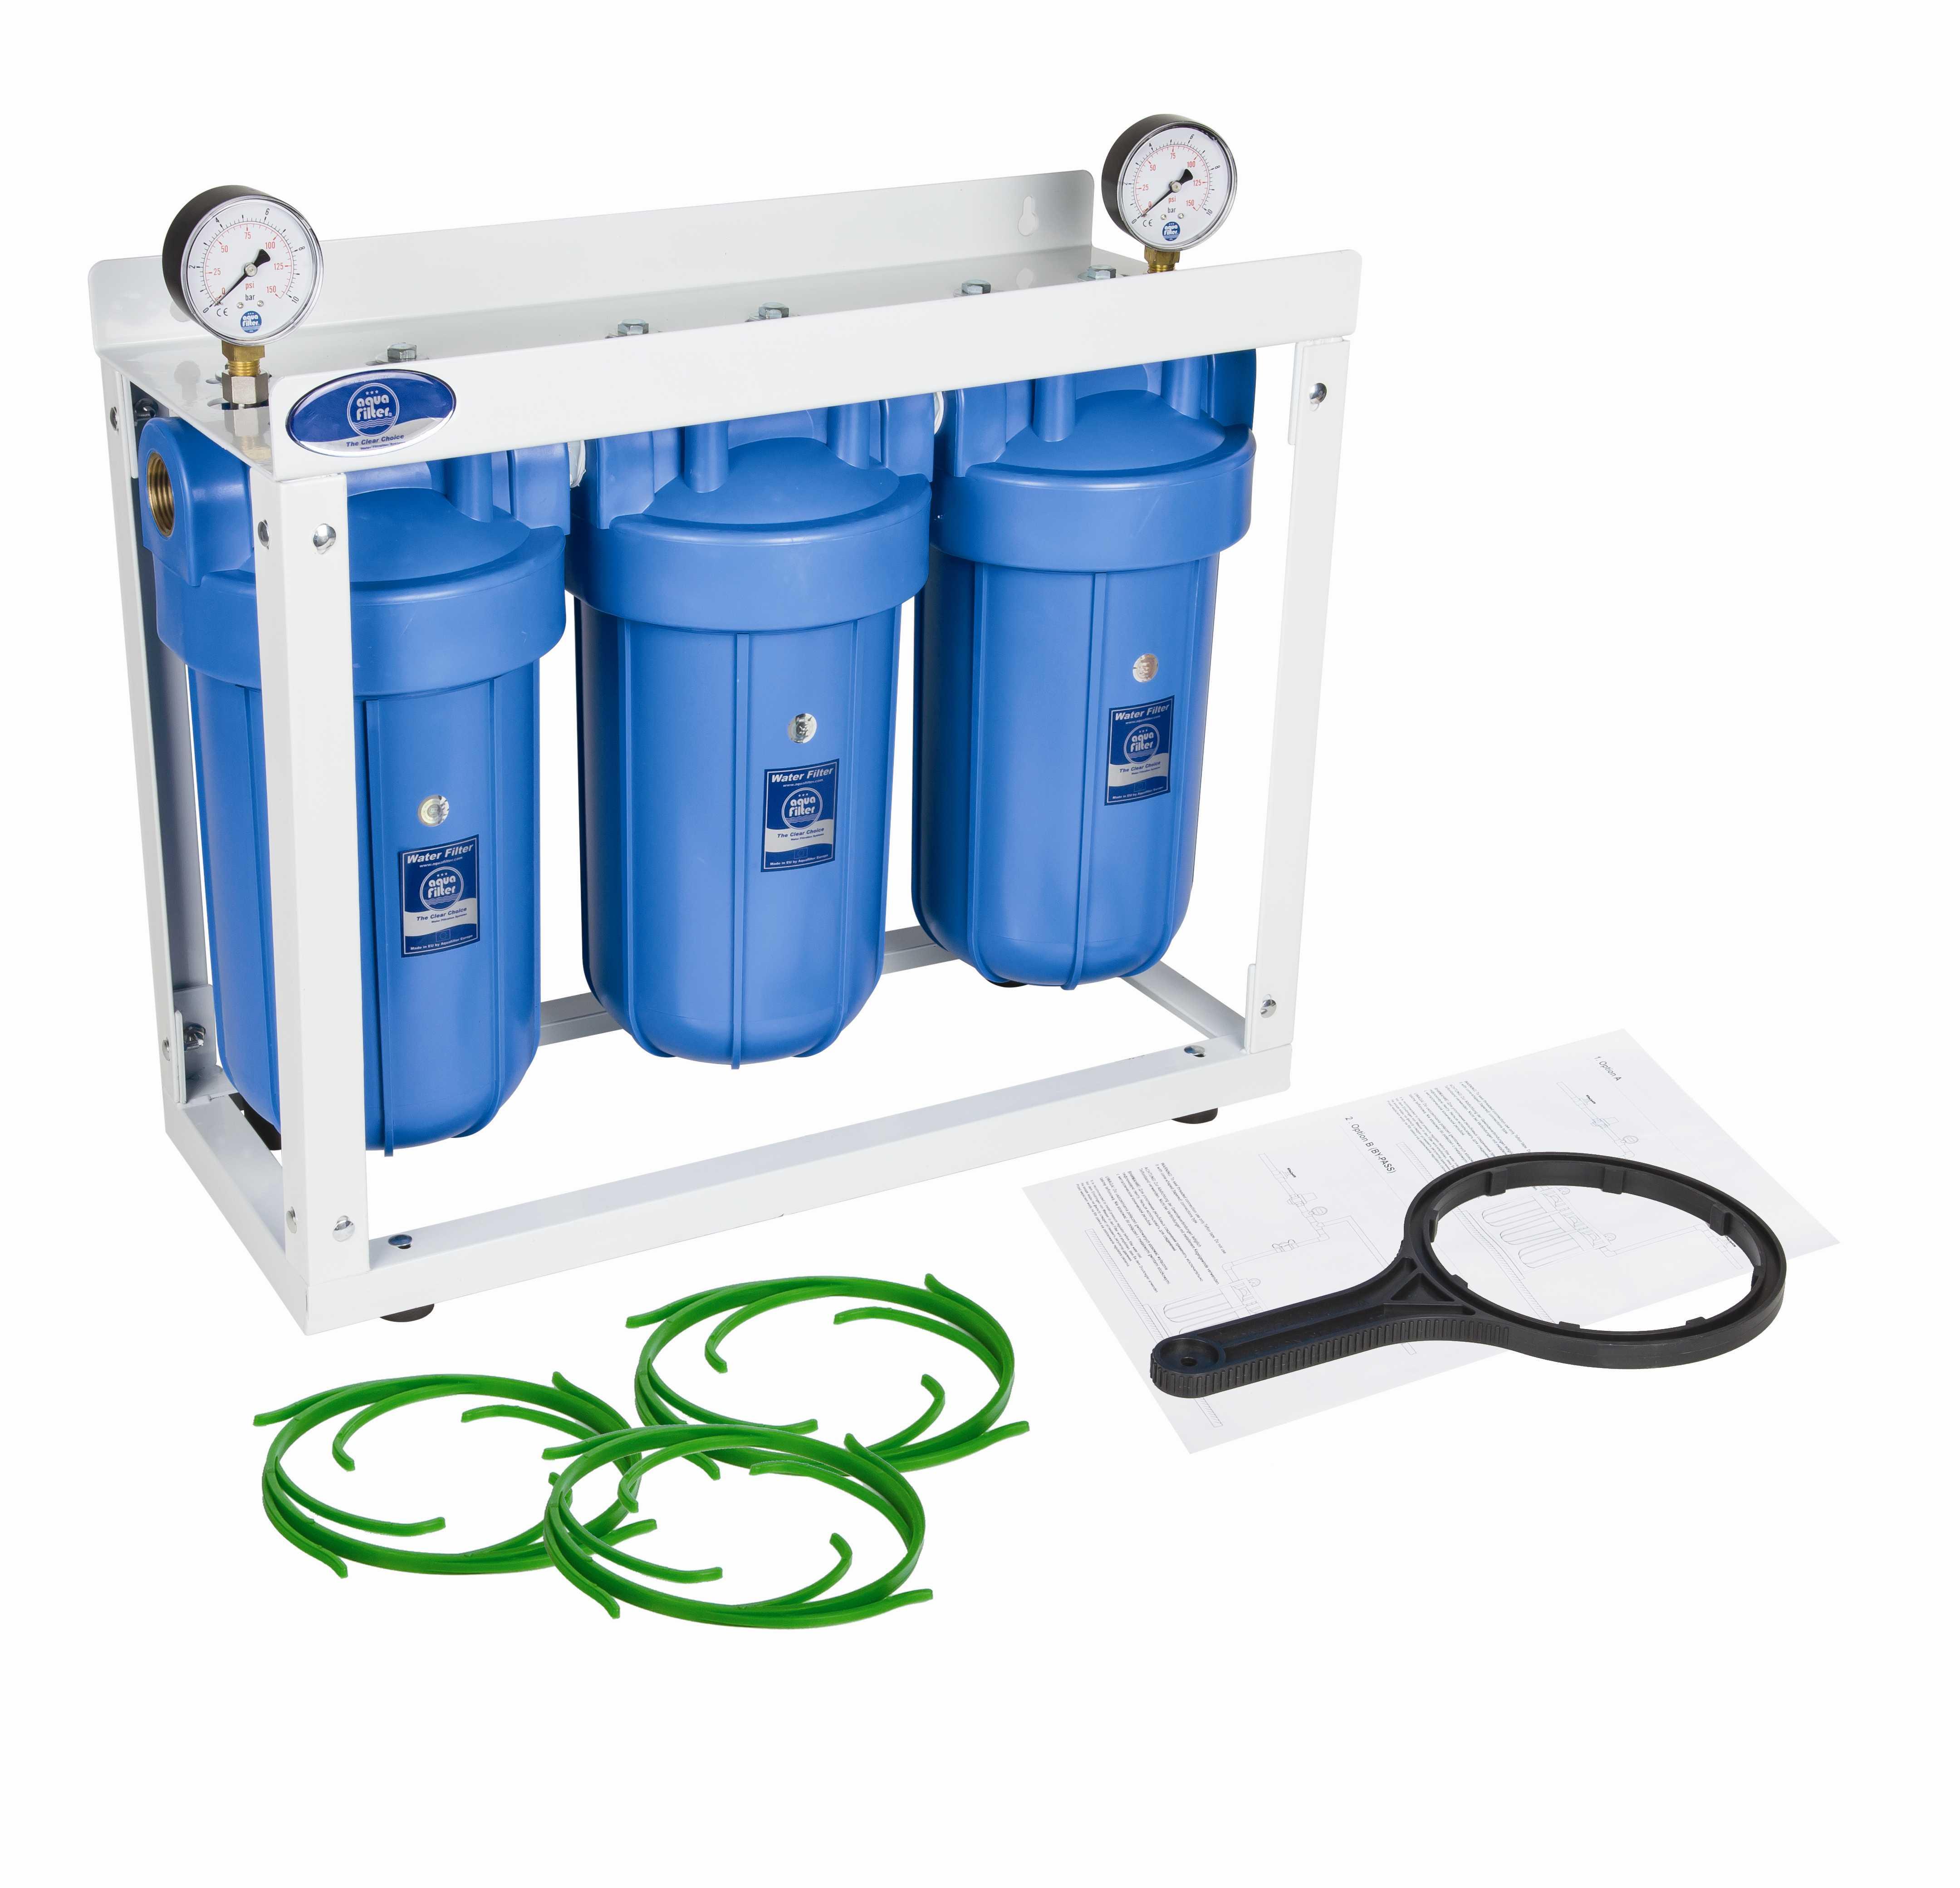 Фильтр магистральный для воды Aquafilter Hhbb10b фильтр для воды aquafilter rx5411411x fro5ma